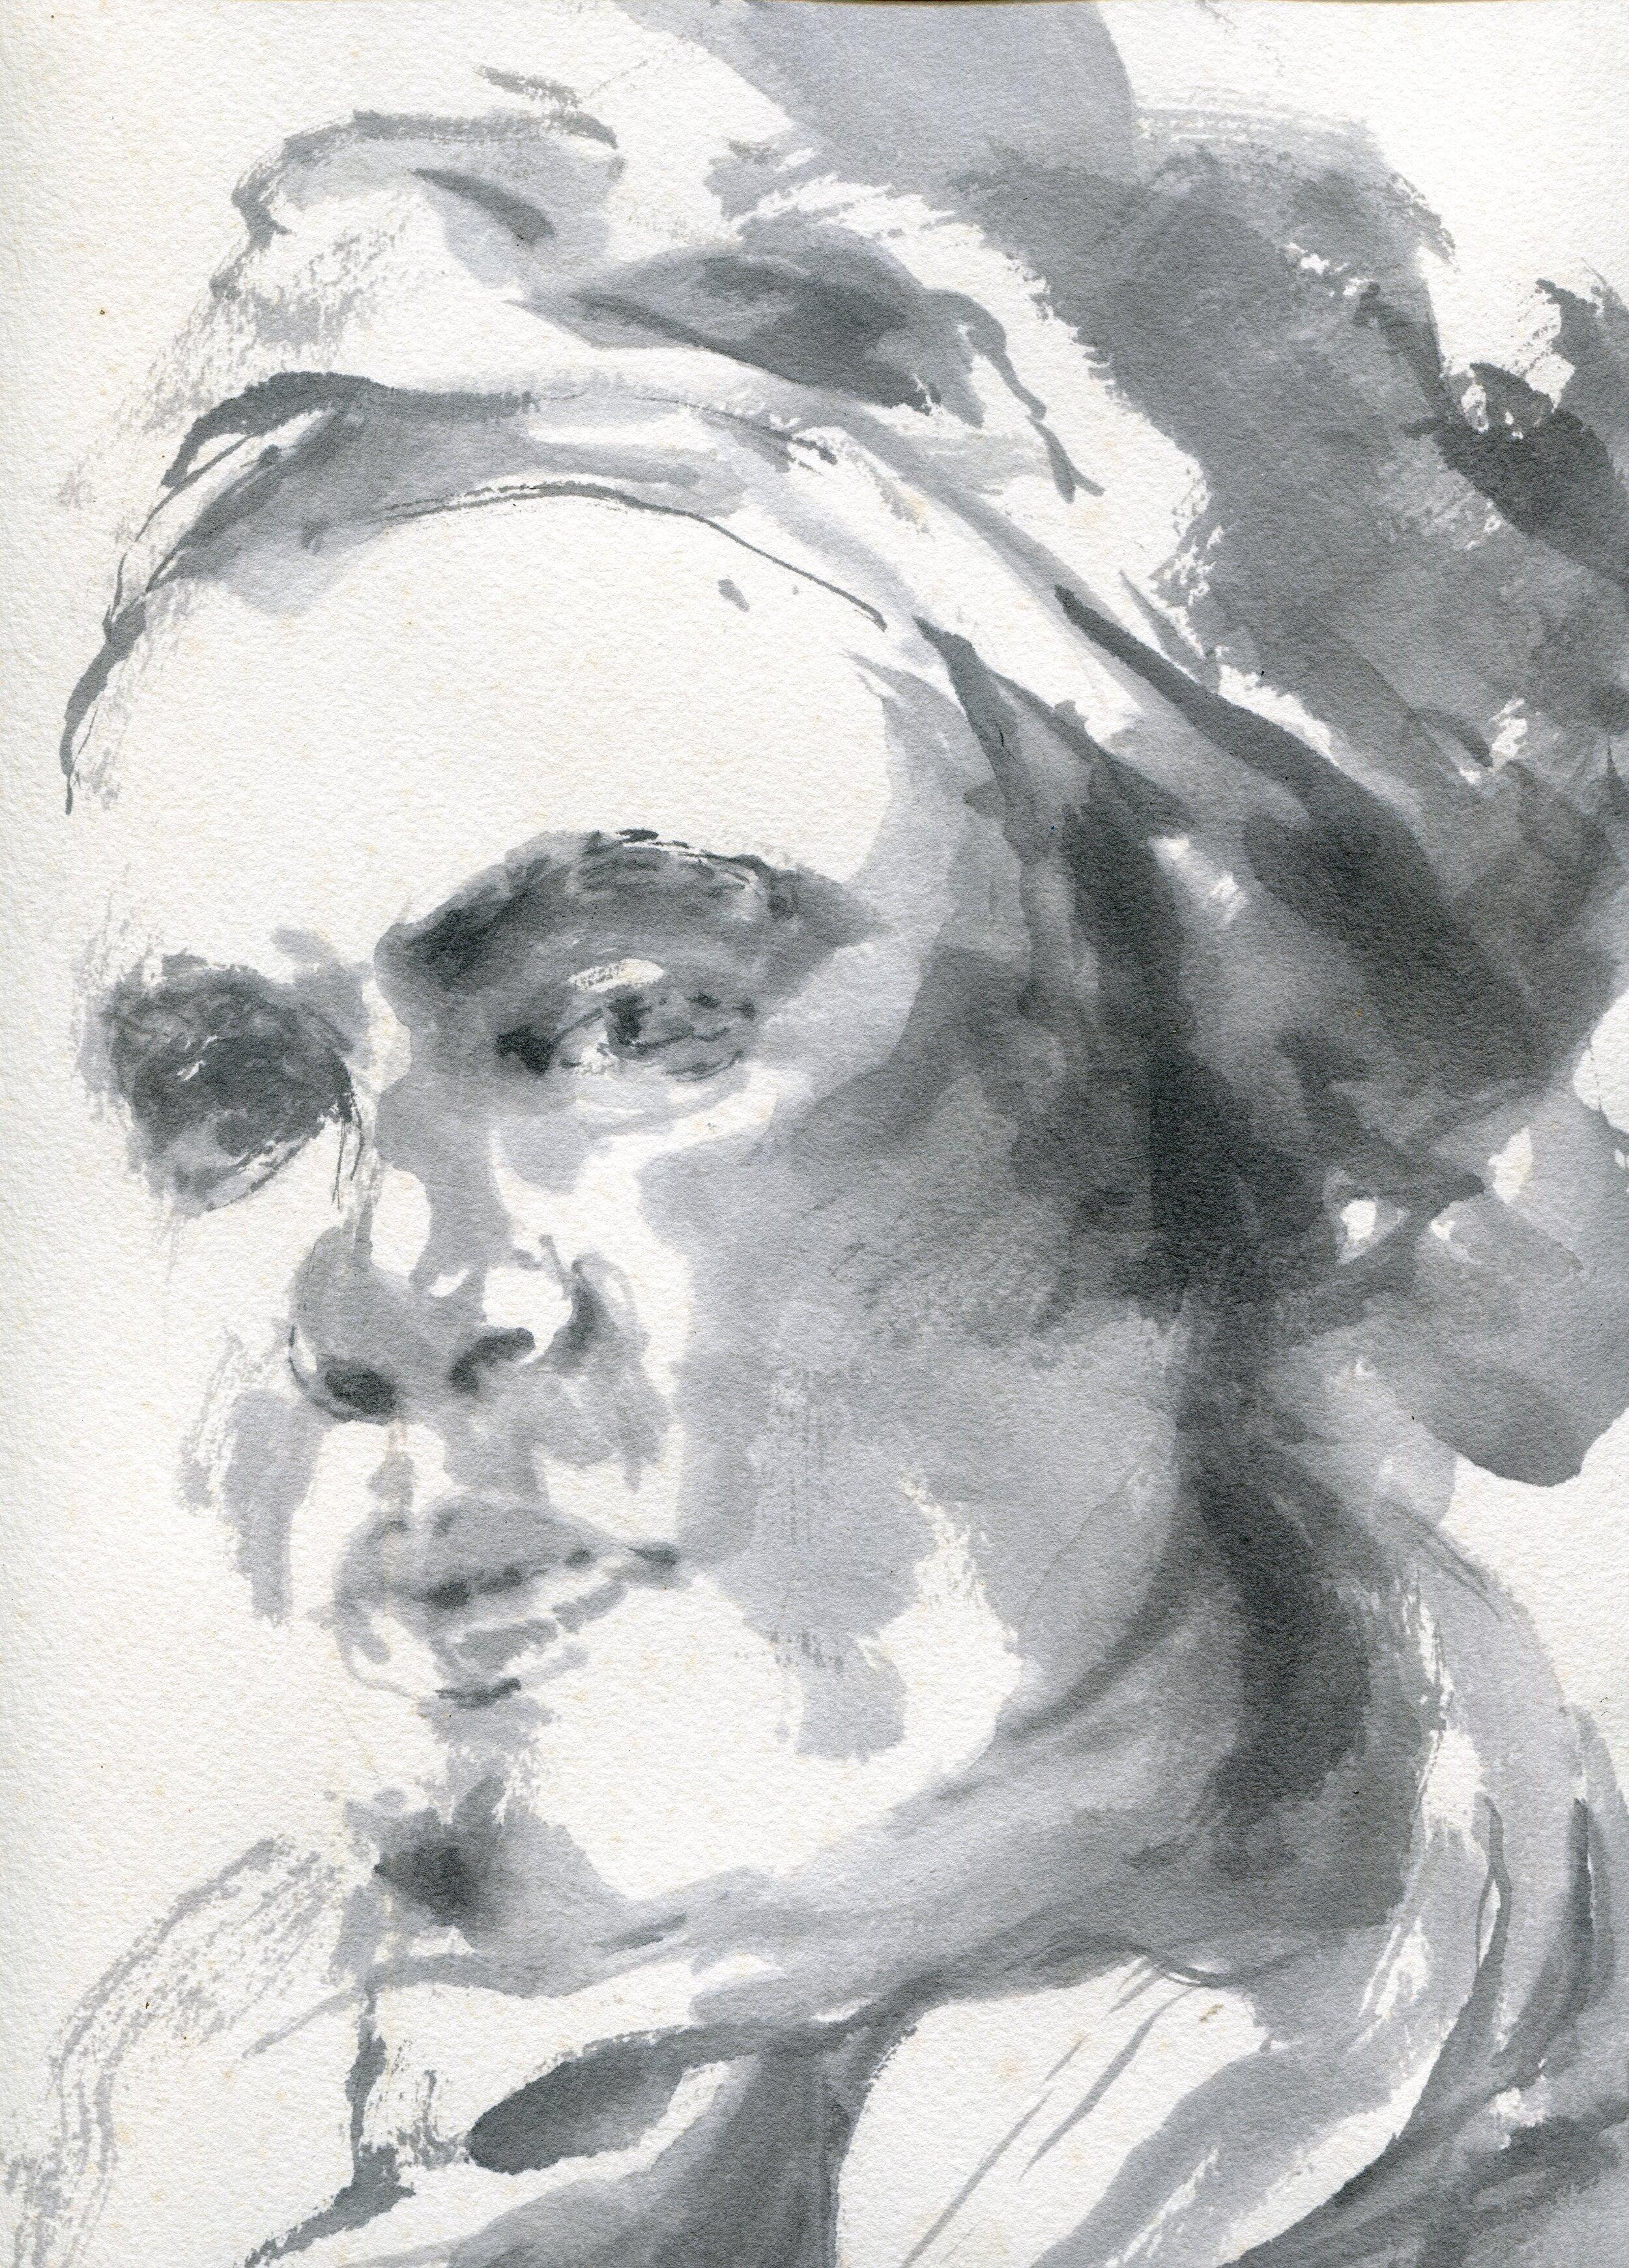 69c  Ingrid Adams  Miriam  ink on paper